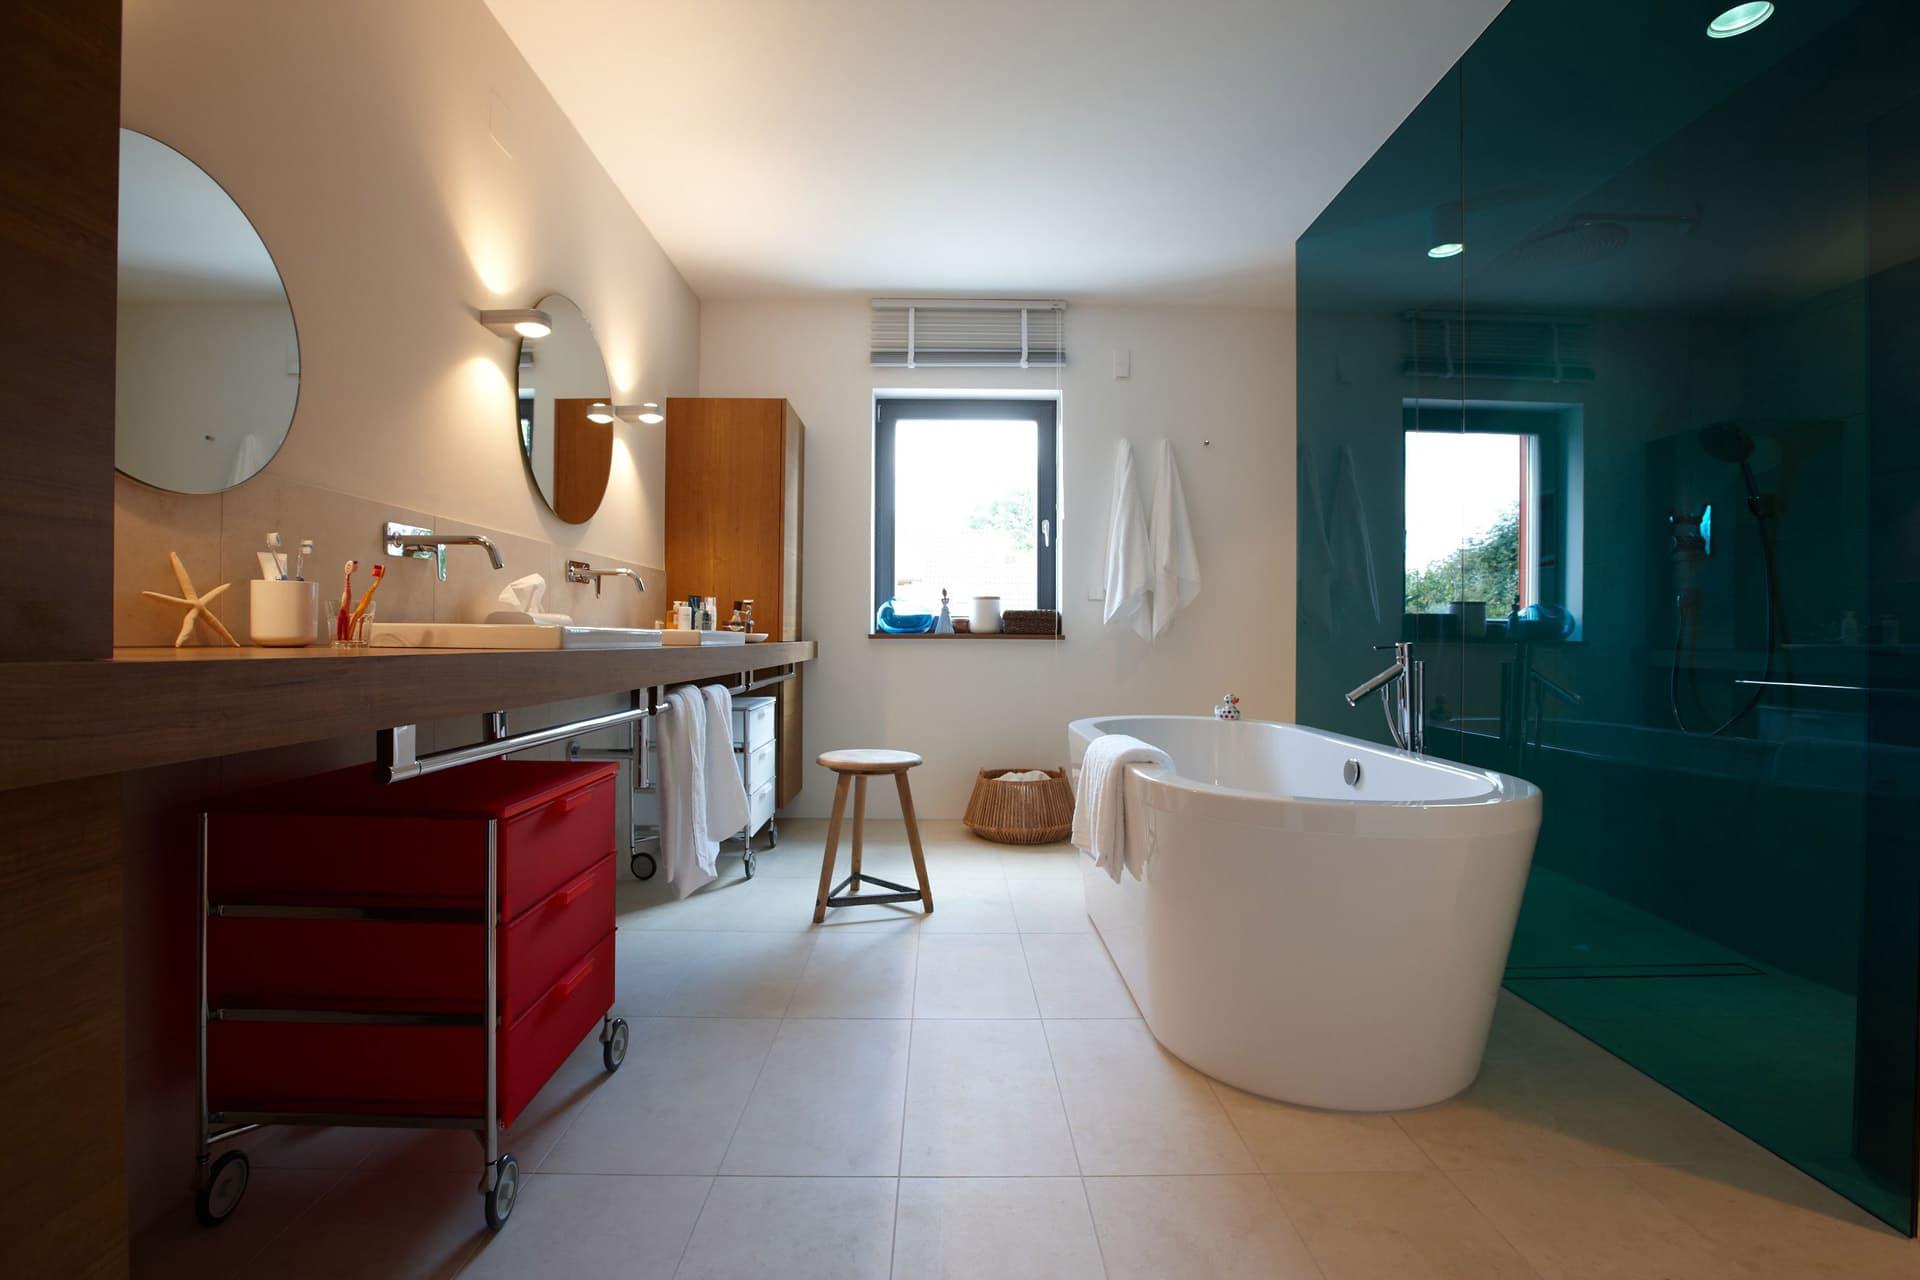 schw rerhaus sch ner wohnen haus. Black Bedroom Furniture Sets. Home Design Ideas